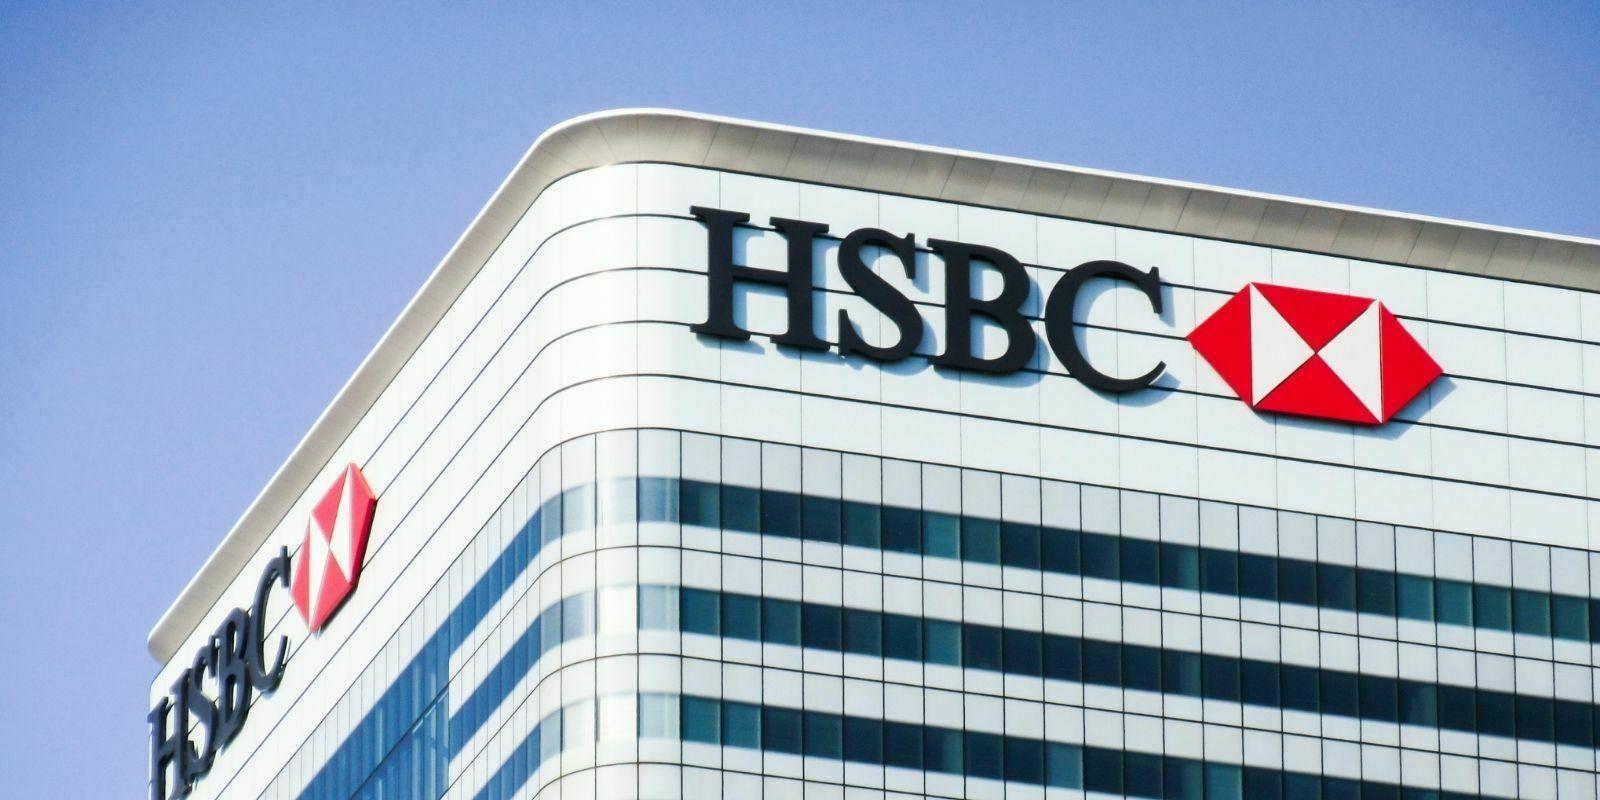 La banque HSBC interdit à ses clients l'achat d'actions de MicroStrategy